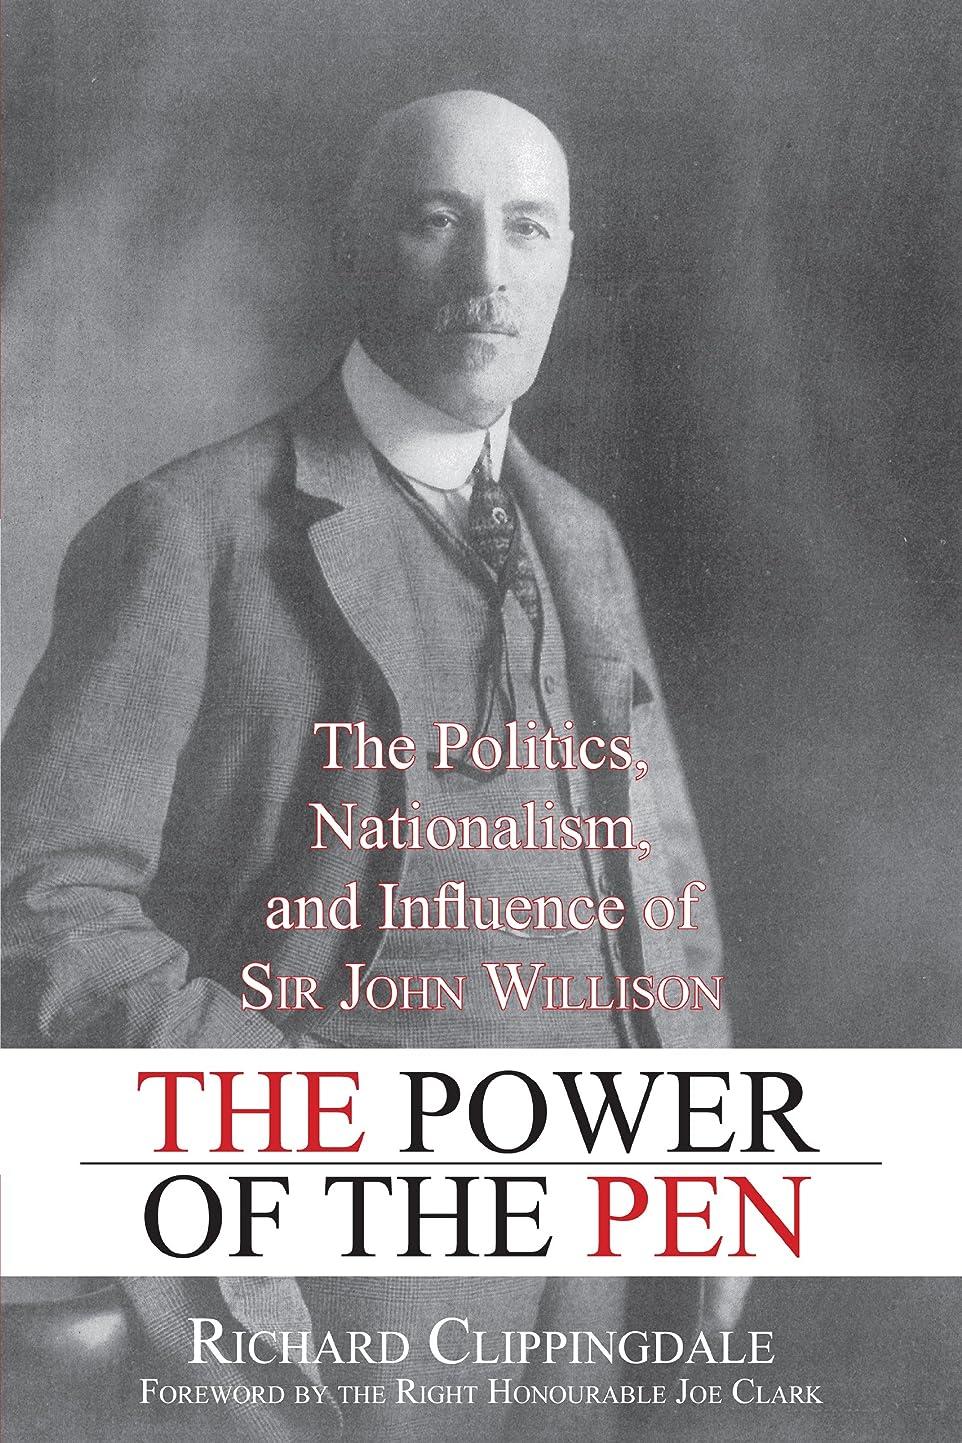 ボールデマンド消防士The Power of the Pen: The Politics, Nationalism, and Influence of Sir John Willison (English Edition)